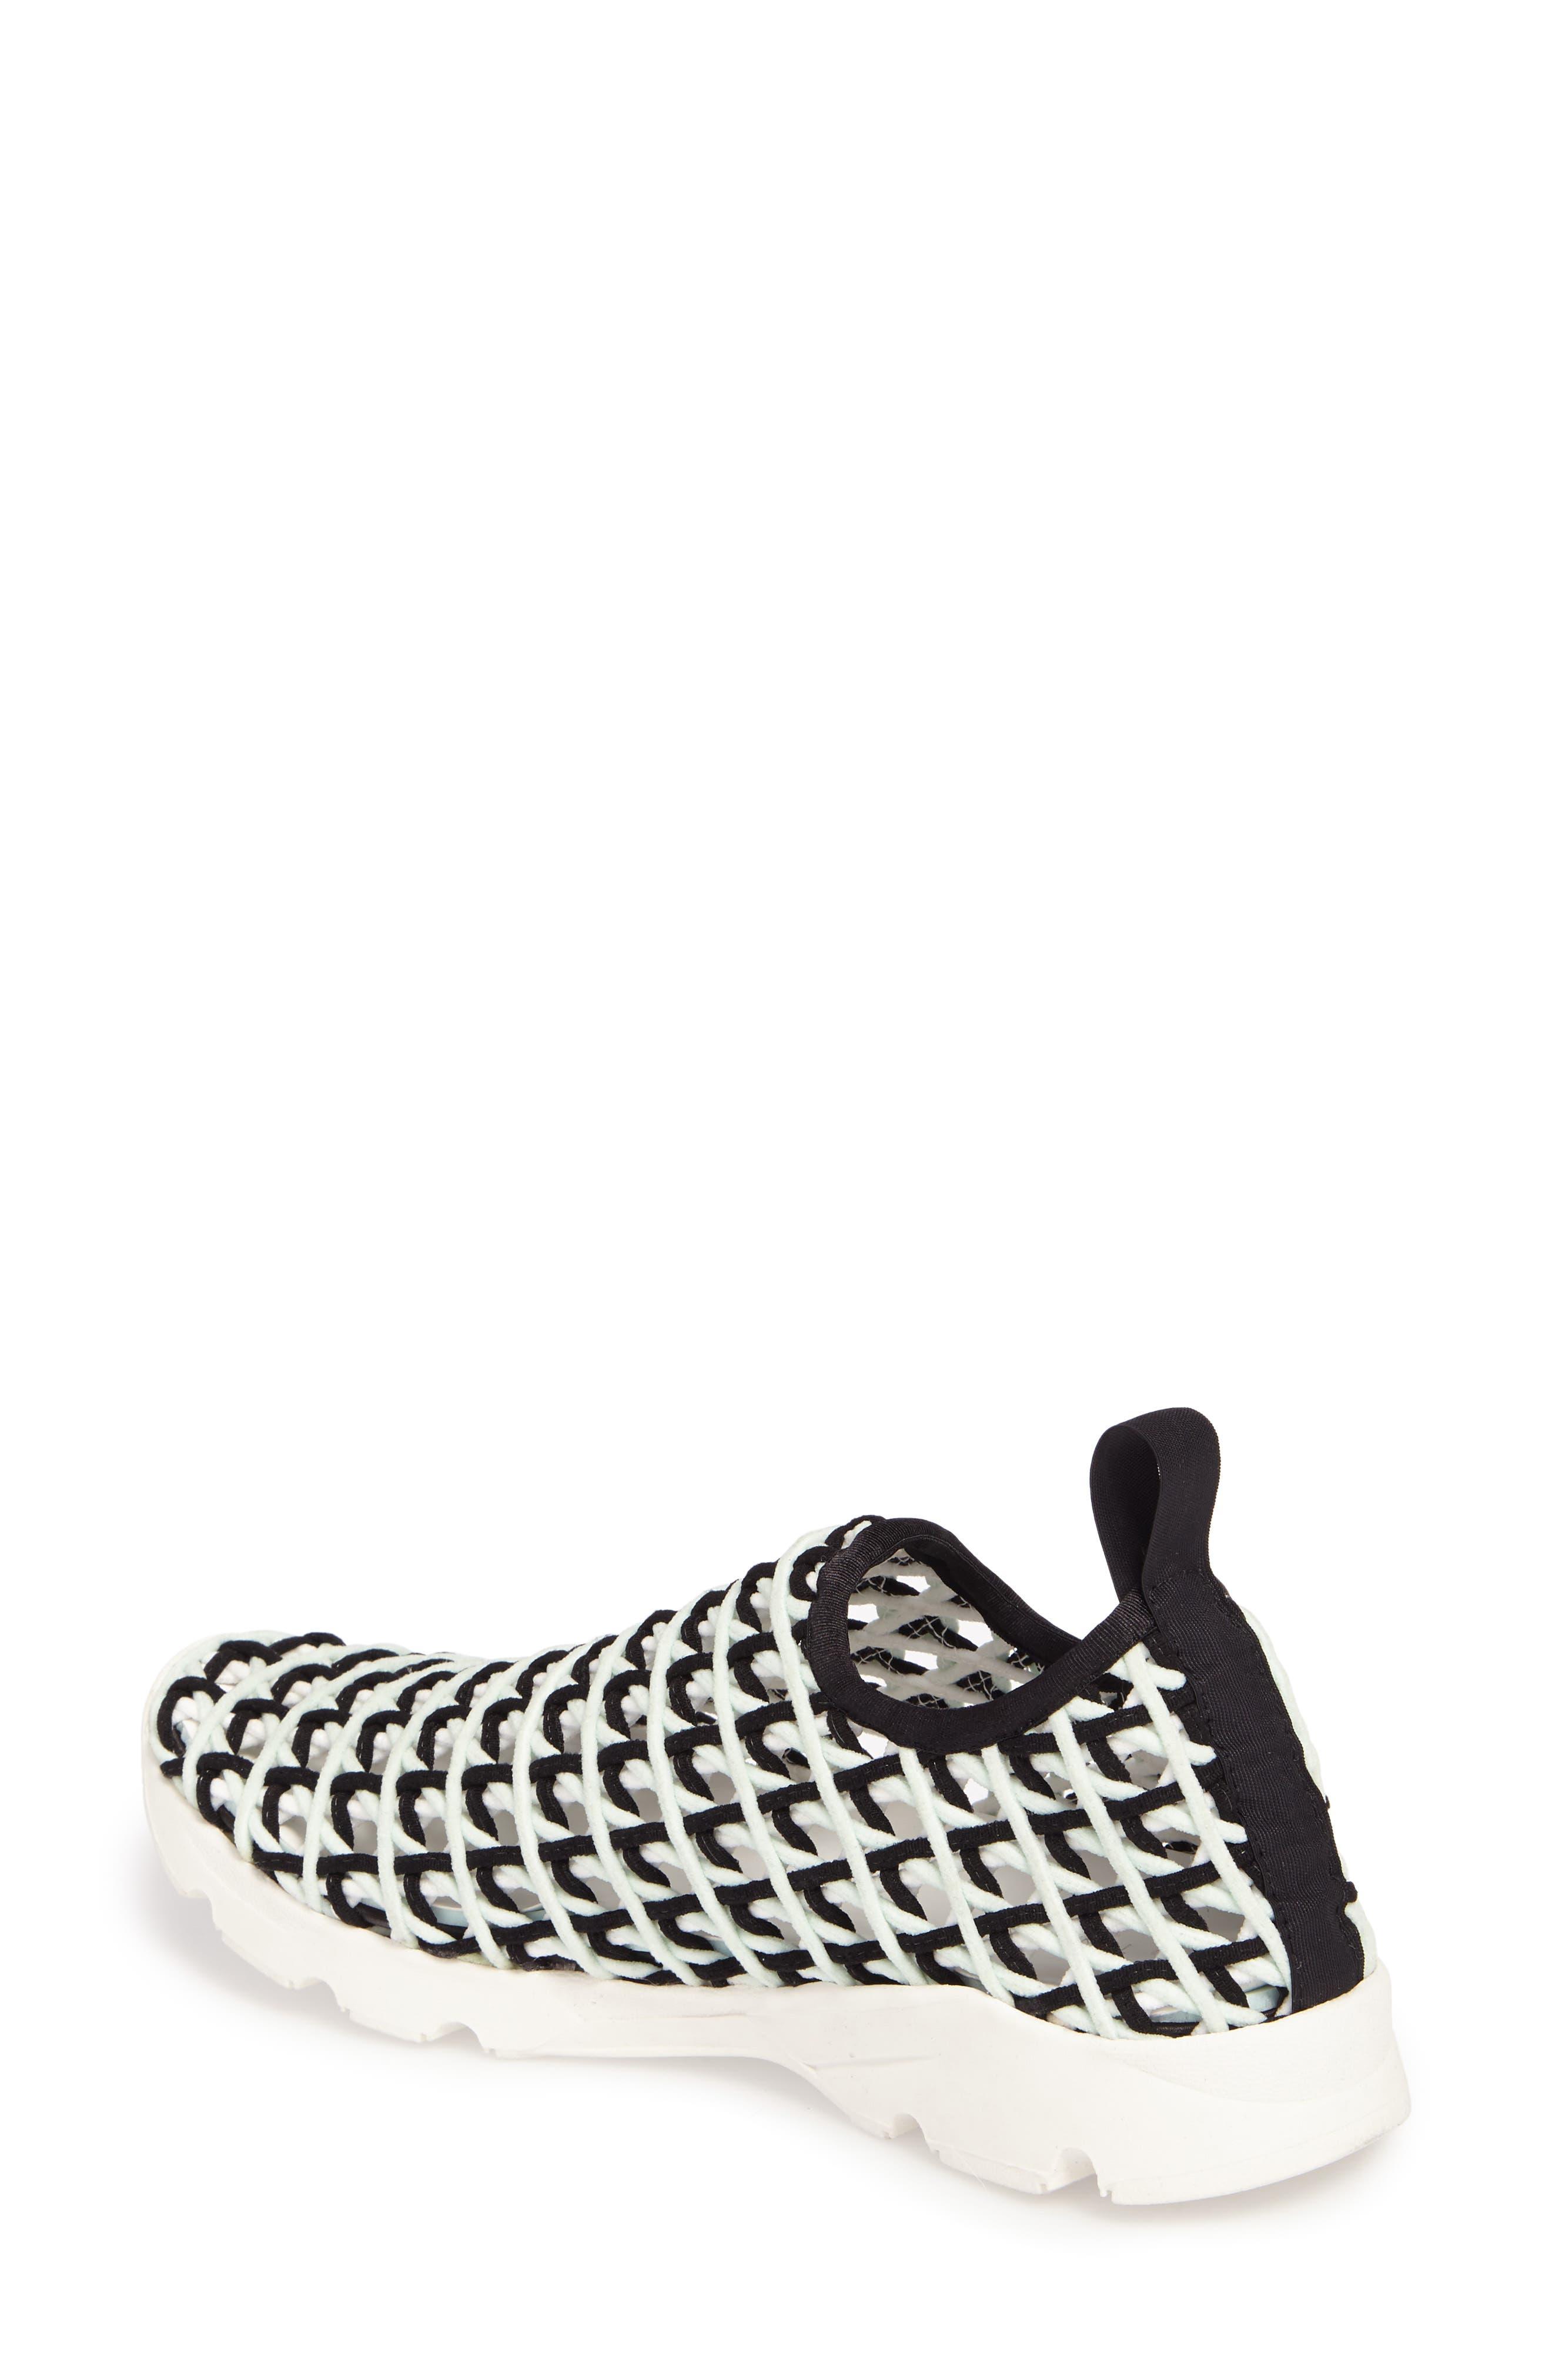 Alternate Image 2  - Tony Bianco Willow Open Knit Sneaker (Women)